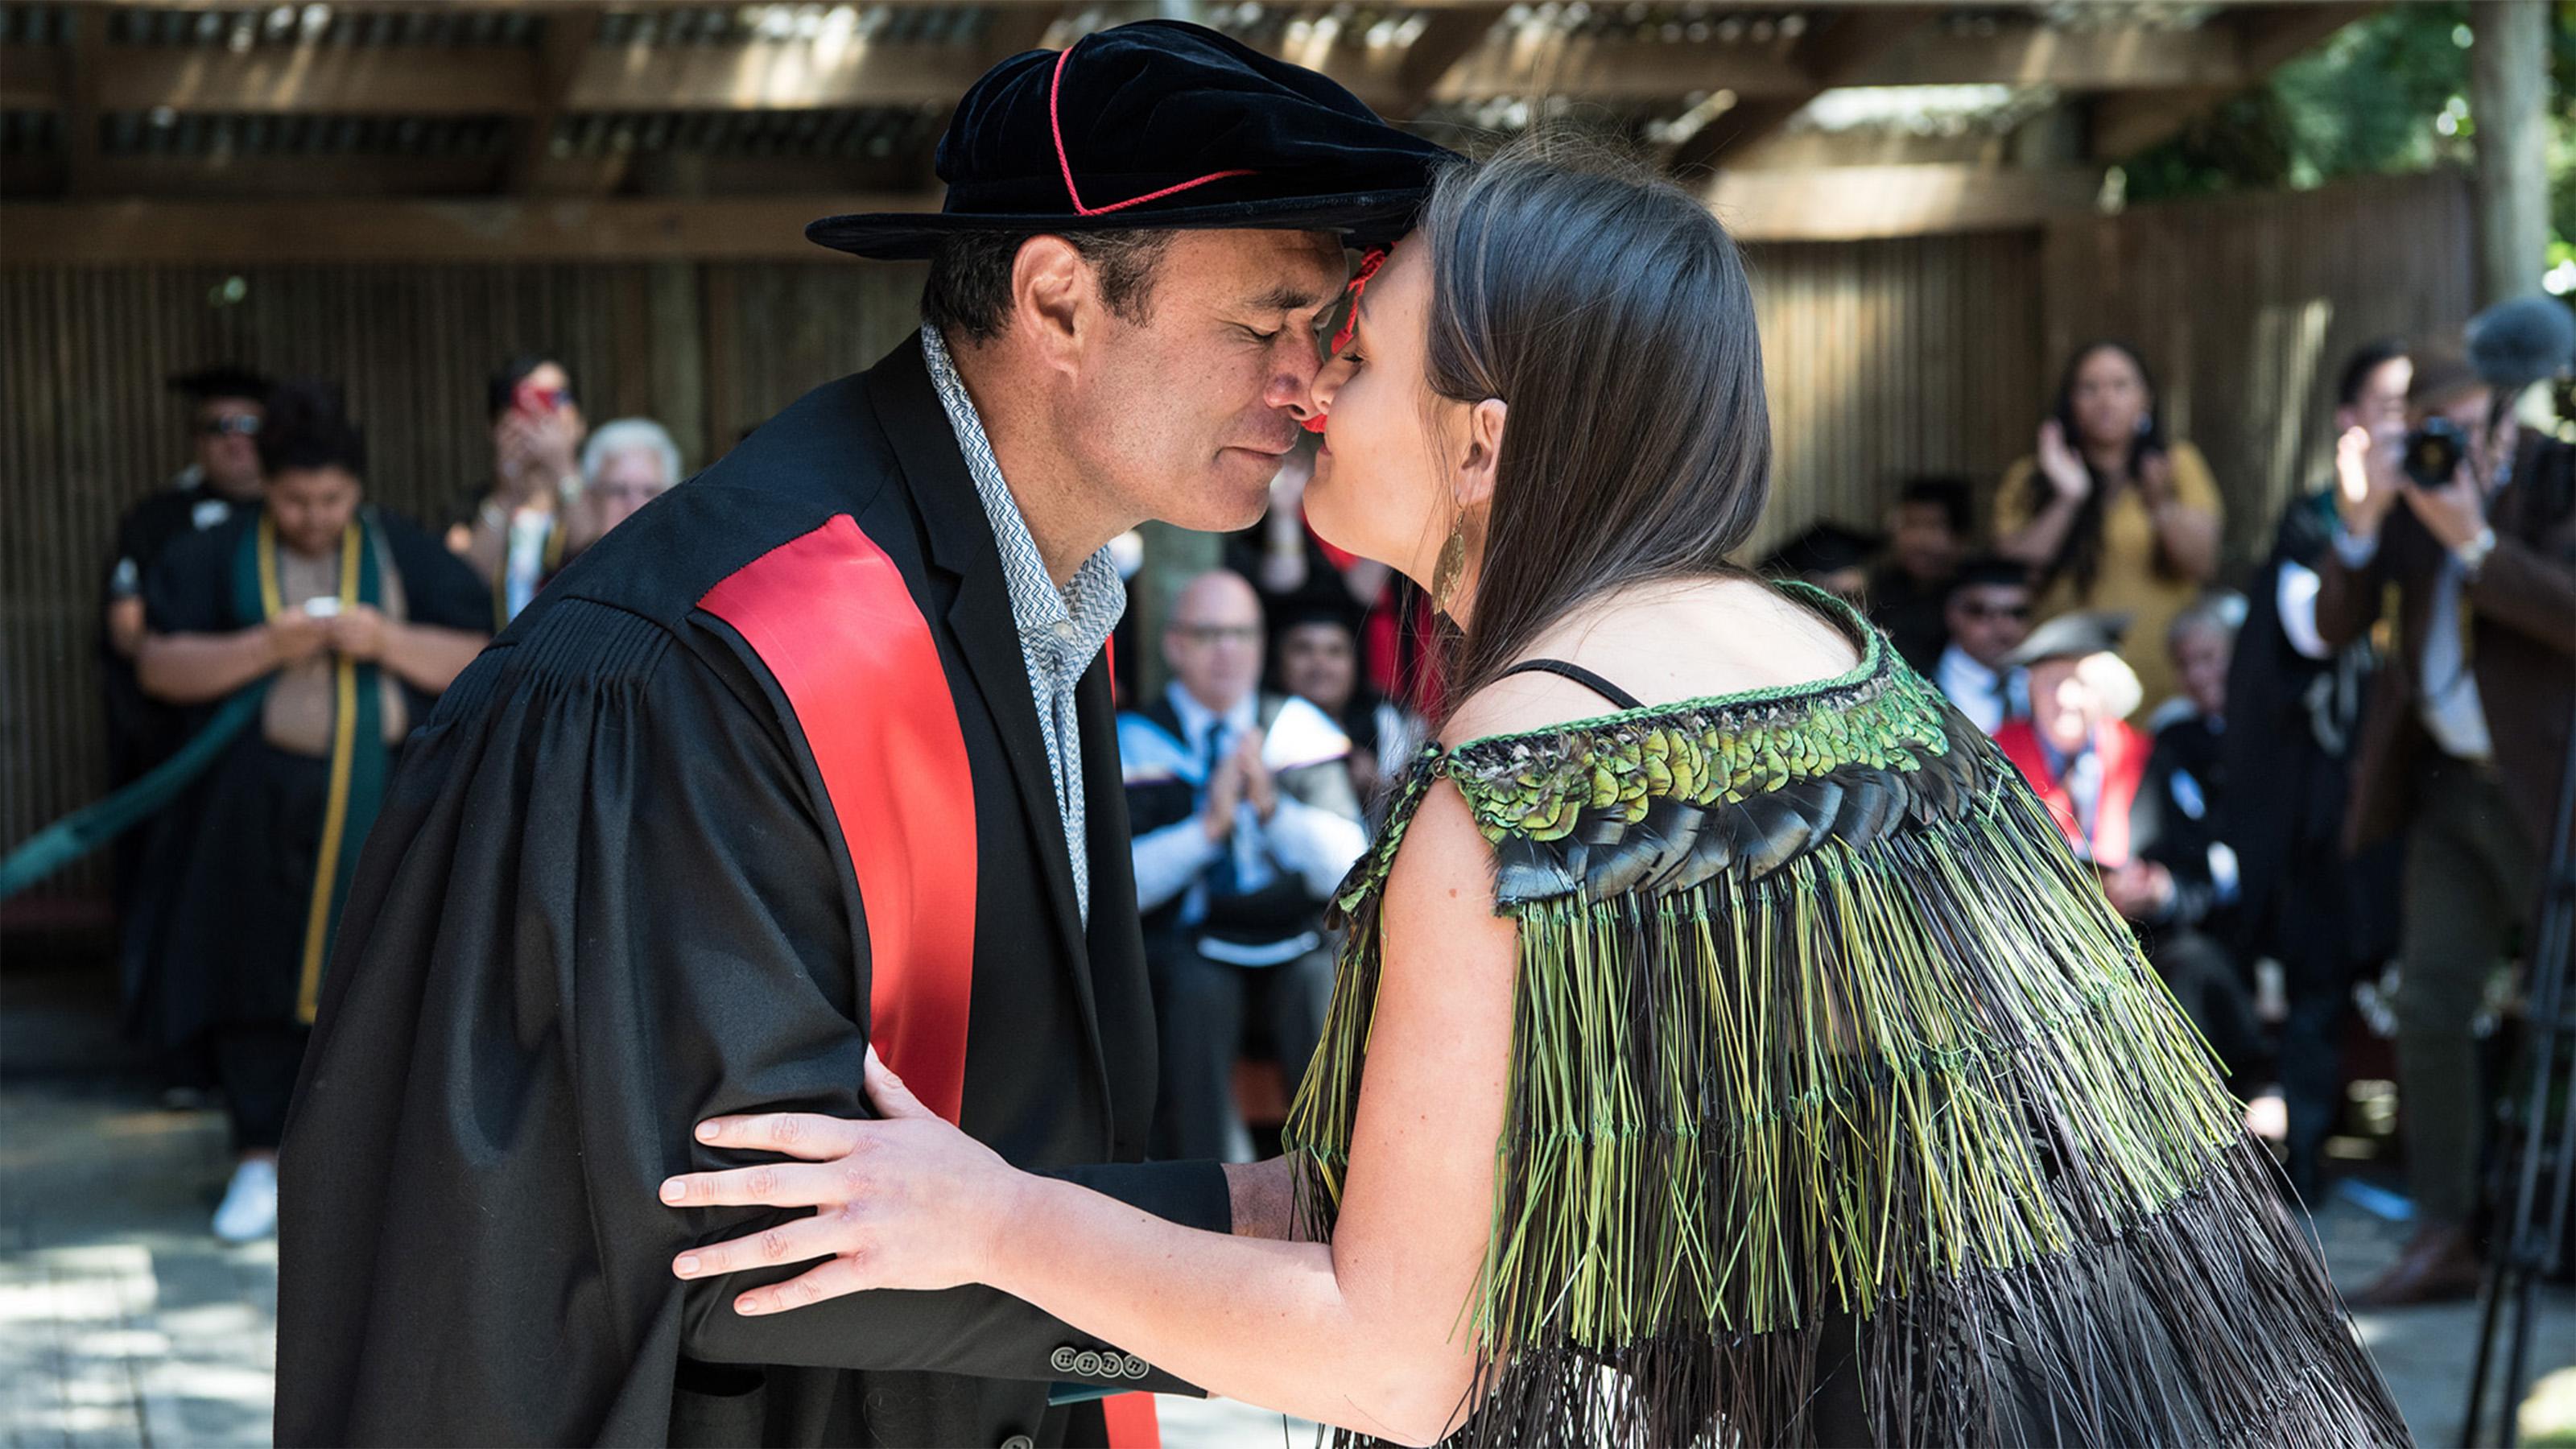 Te Kawa a Māui pūkenga/lecturer, Dr Mike Ross (nō Ngāti Hauā) and student, Ngarangi Williams (nō Ngāti Awa, Ngāti Kahungunu me Ngāi Tūhoe) at Marae Graduation, December 2016.